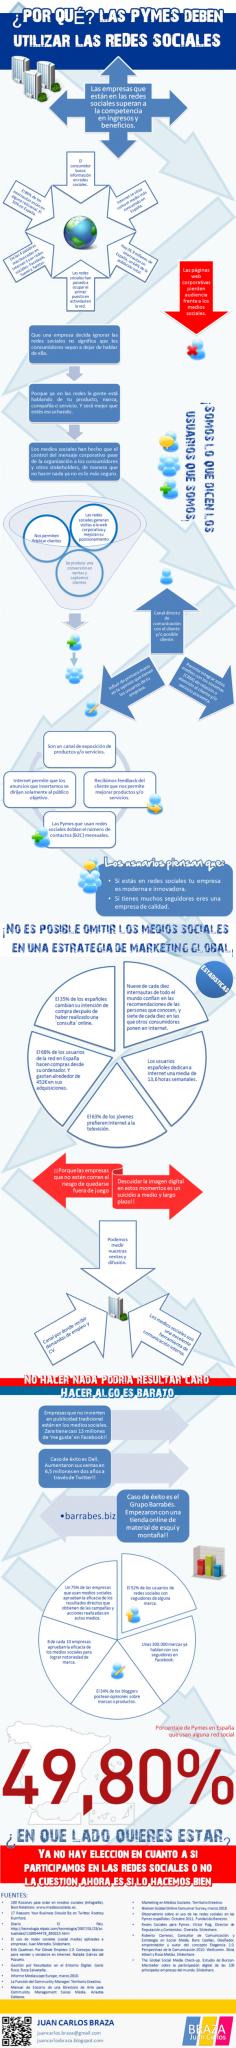 El 95 por ciento de españoles accede a alguna Red Social.